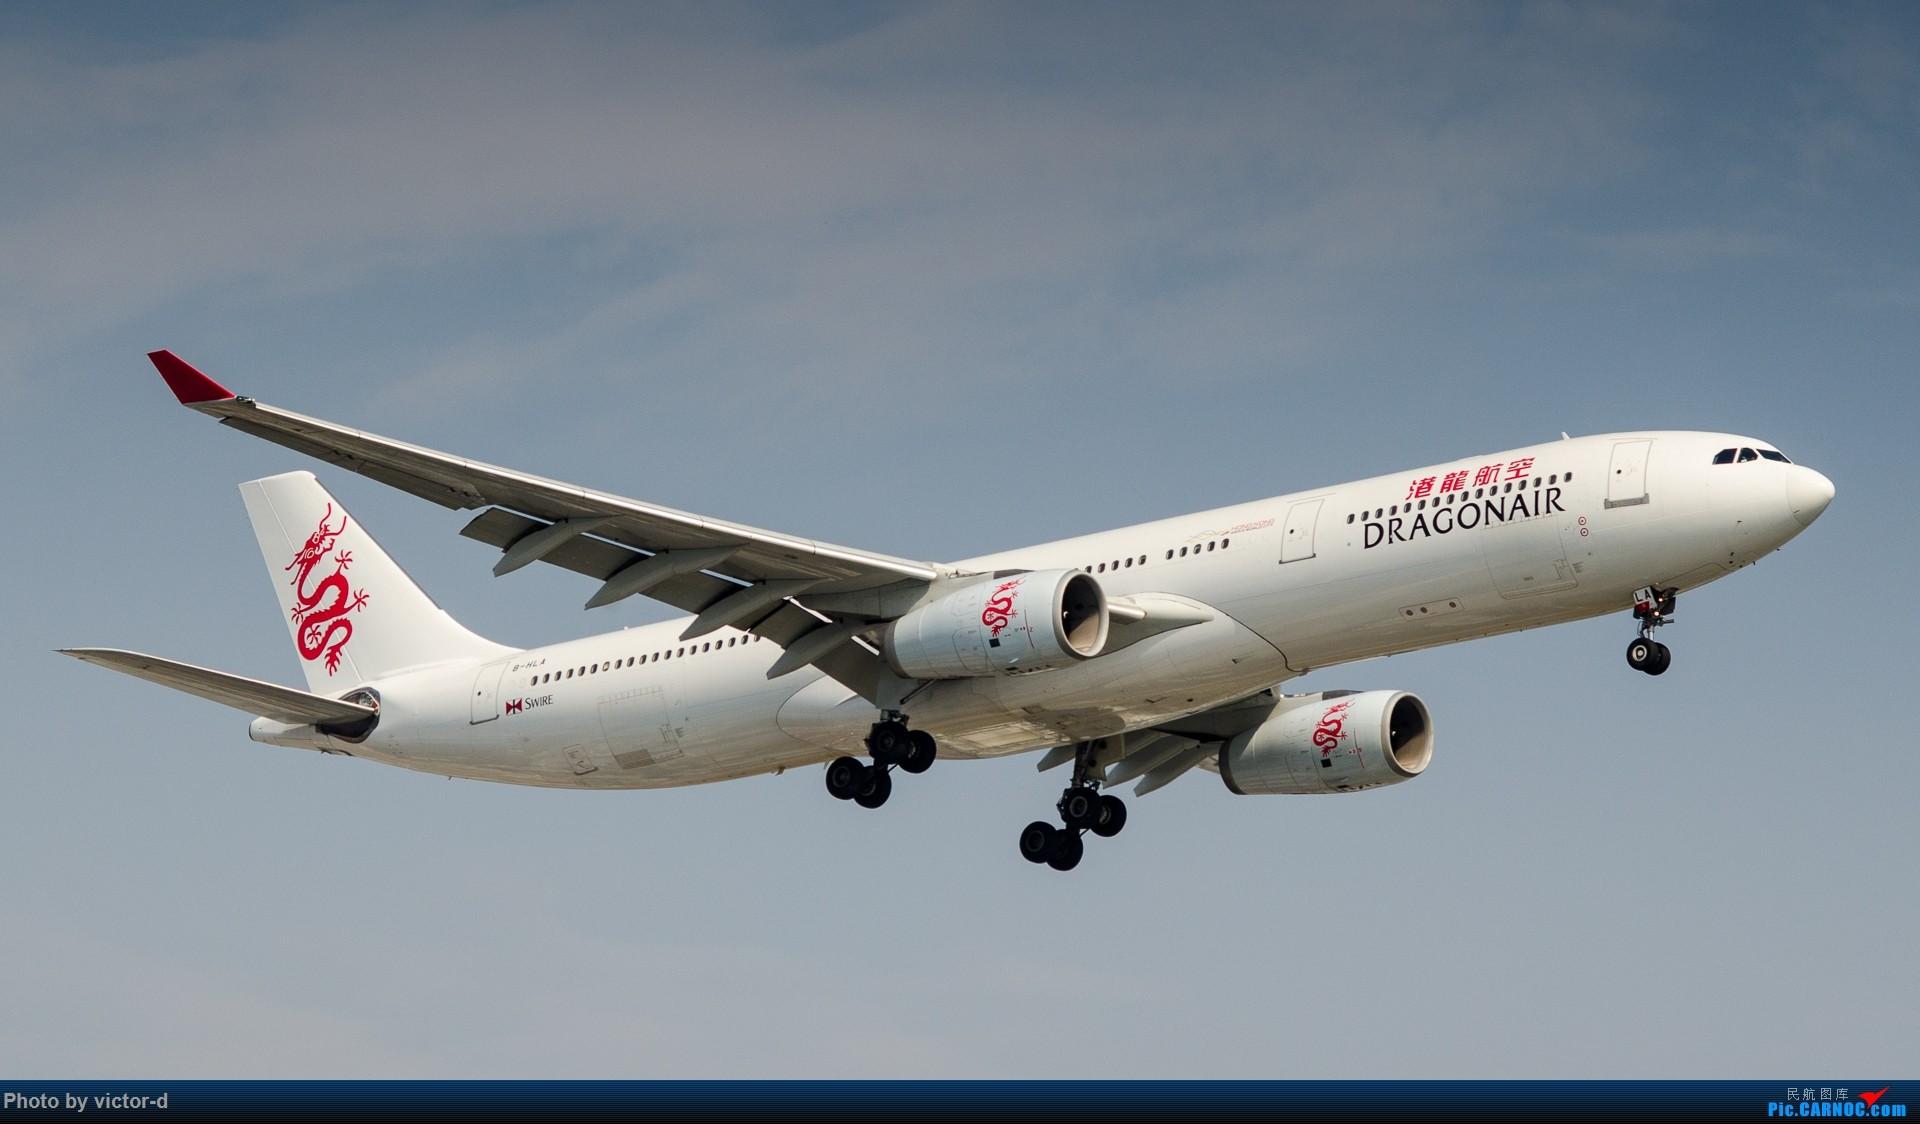 Re:[原创]【上海】拍机记录帖-记录这些年拍到的飞机 AIRBUS A330-300 B-HLA 中国上海虹桥国际机场